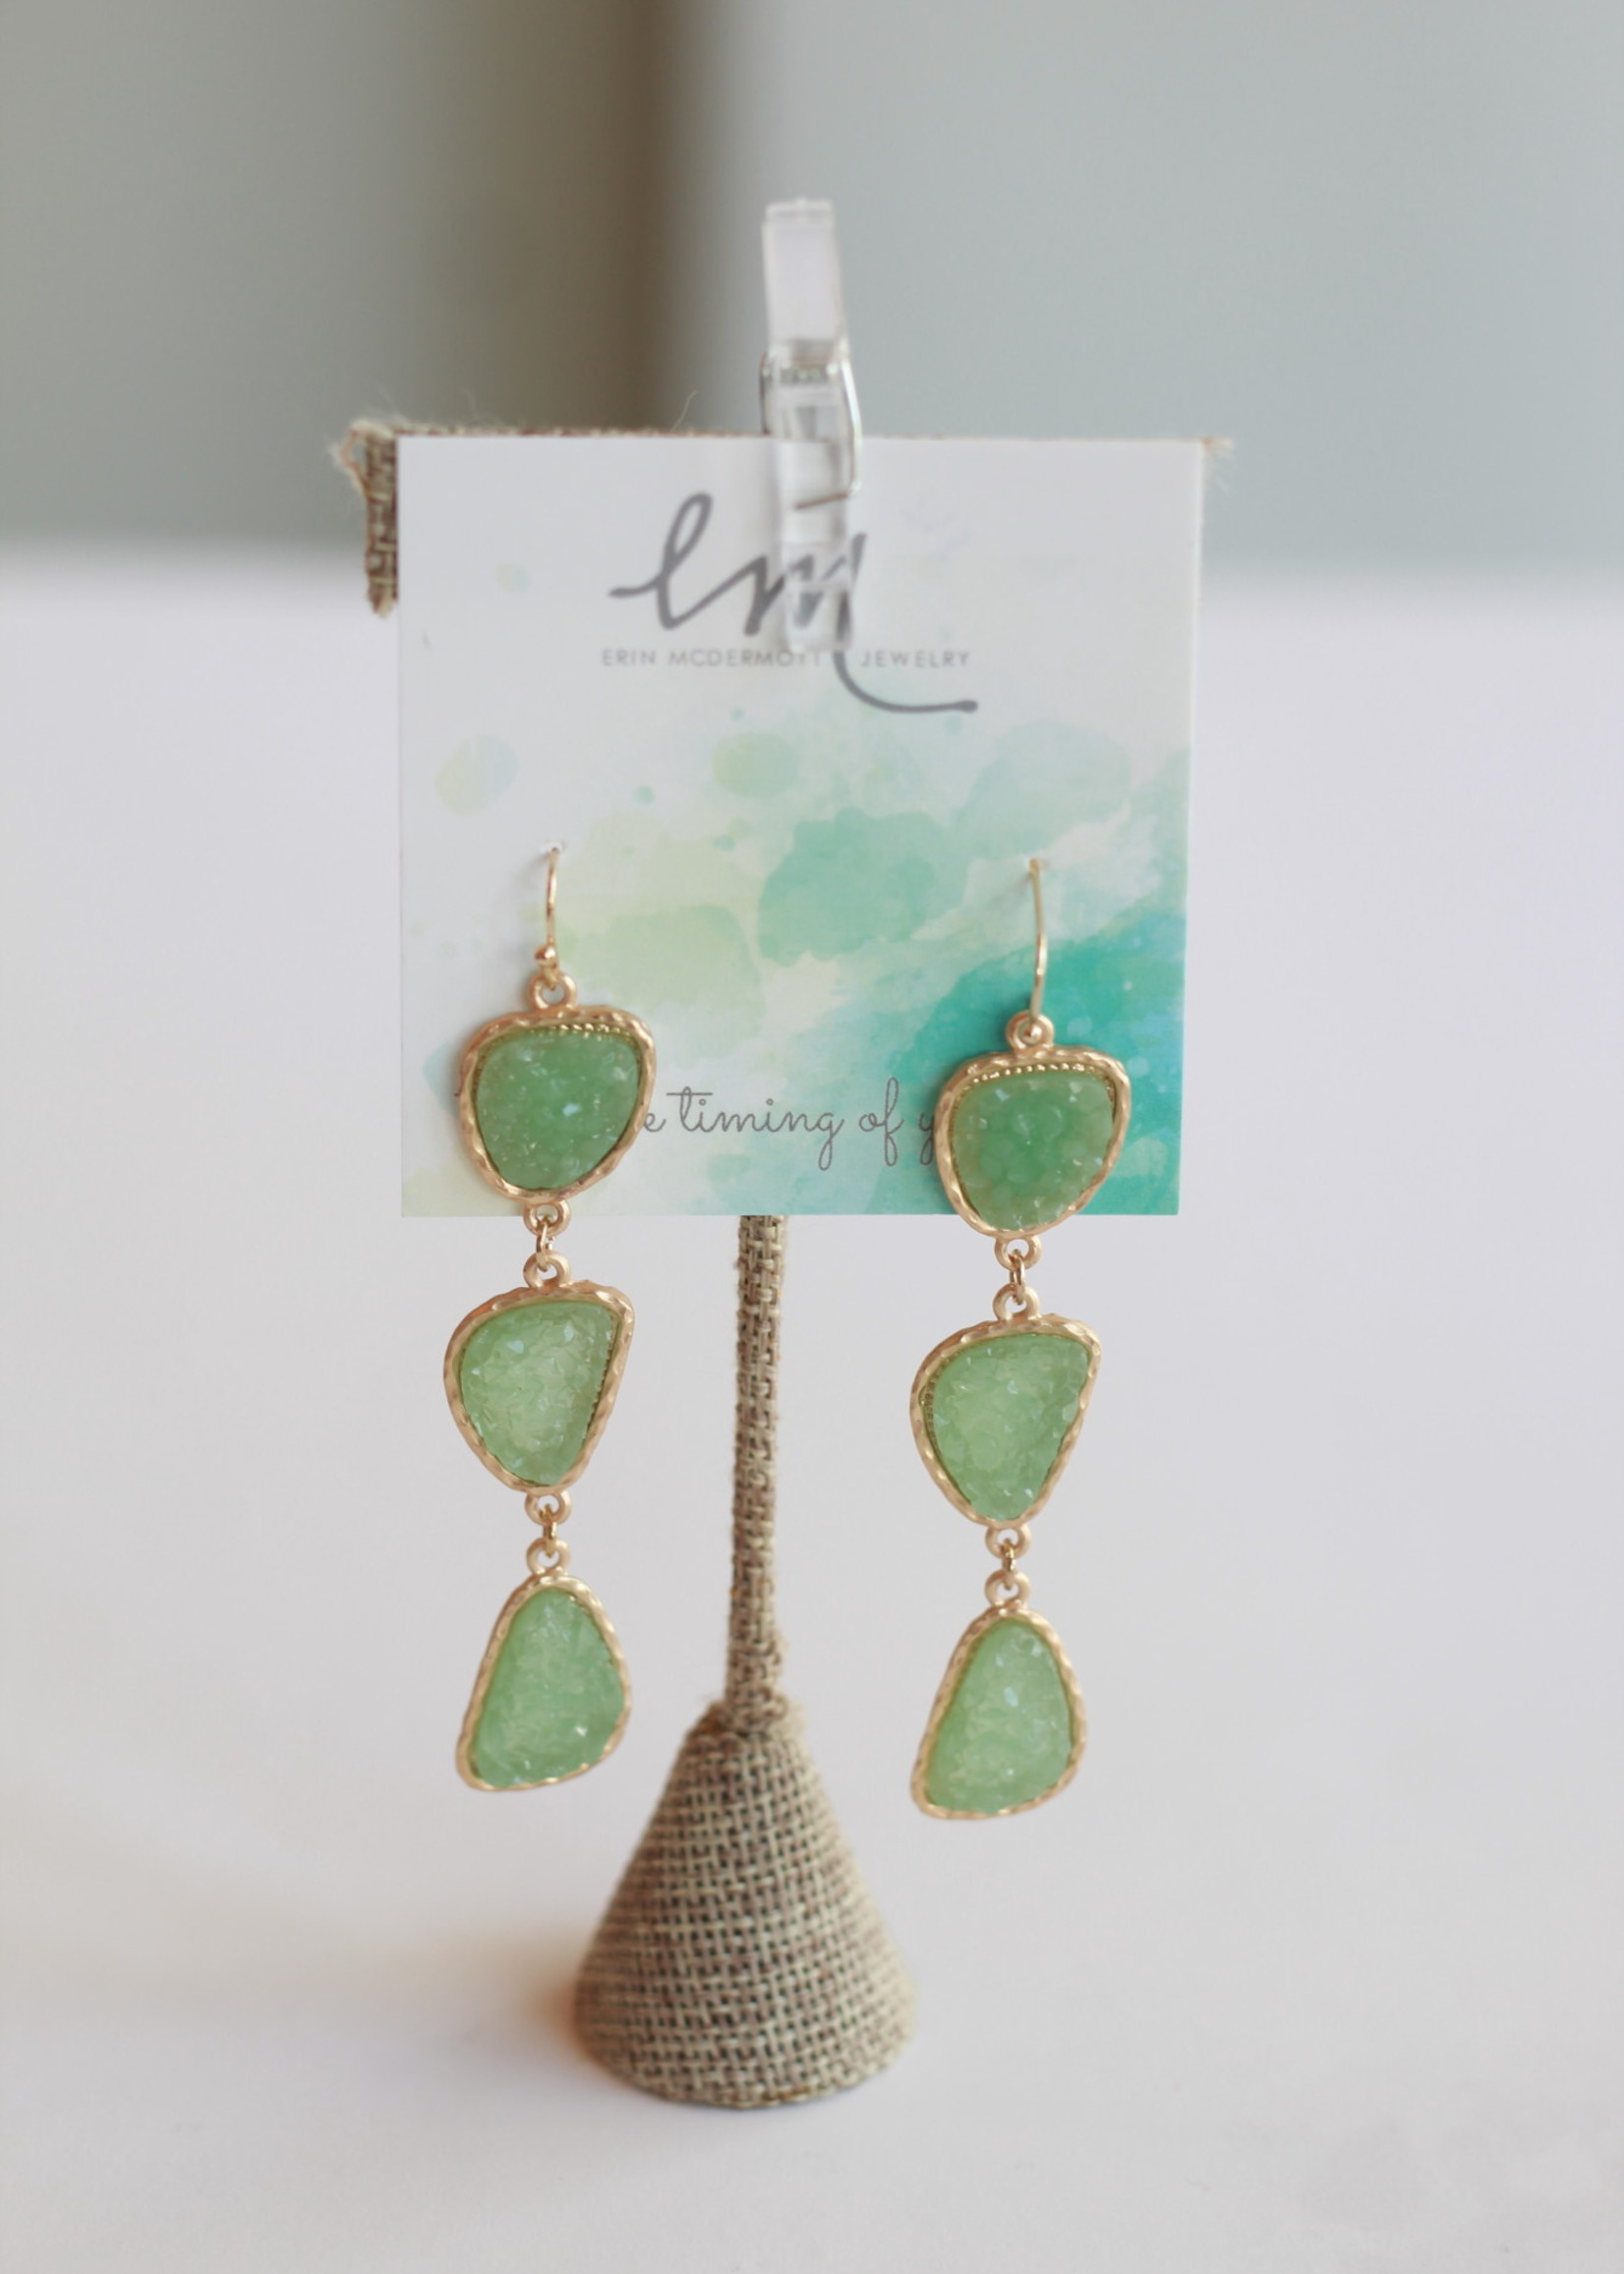 Erin McDermott Three Drop Mint Druzy Earrings